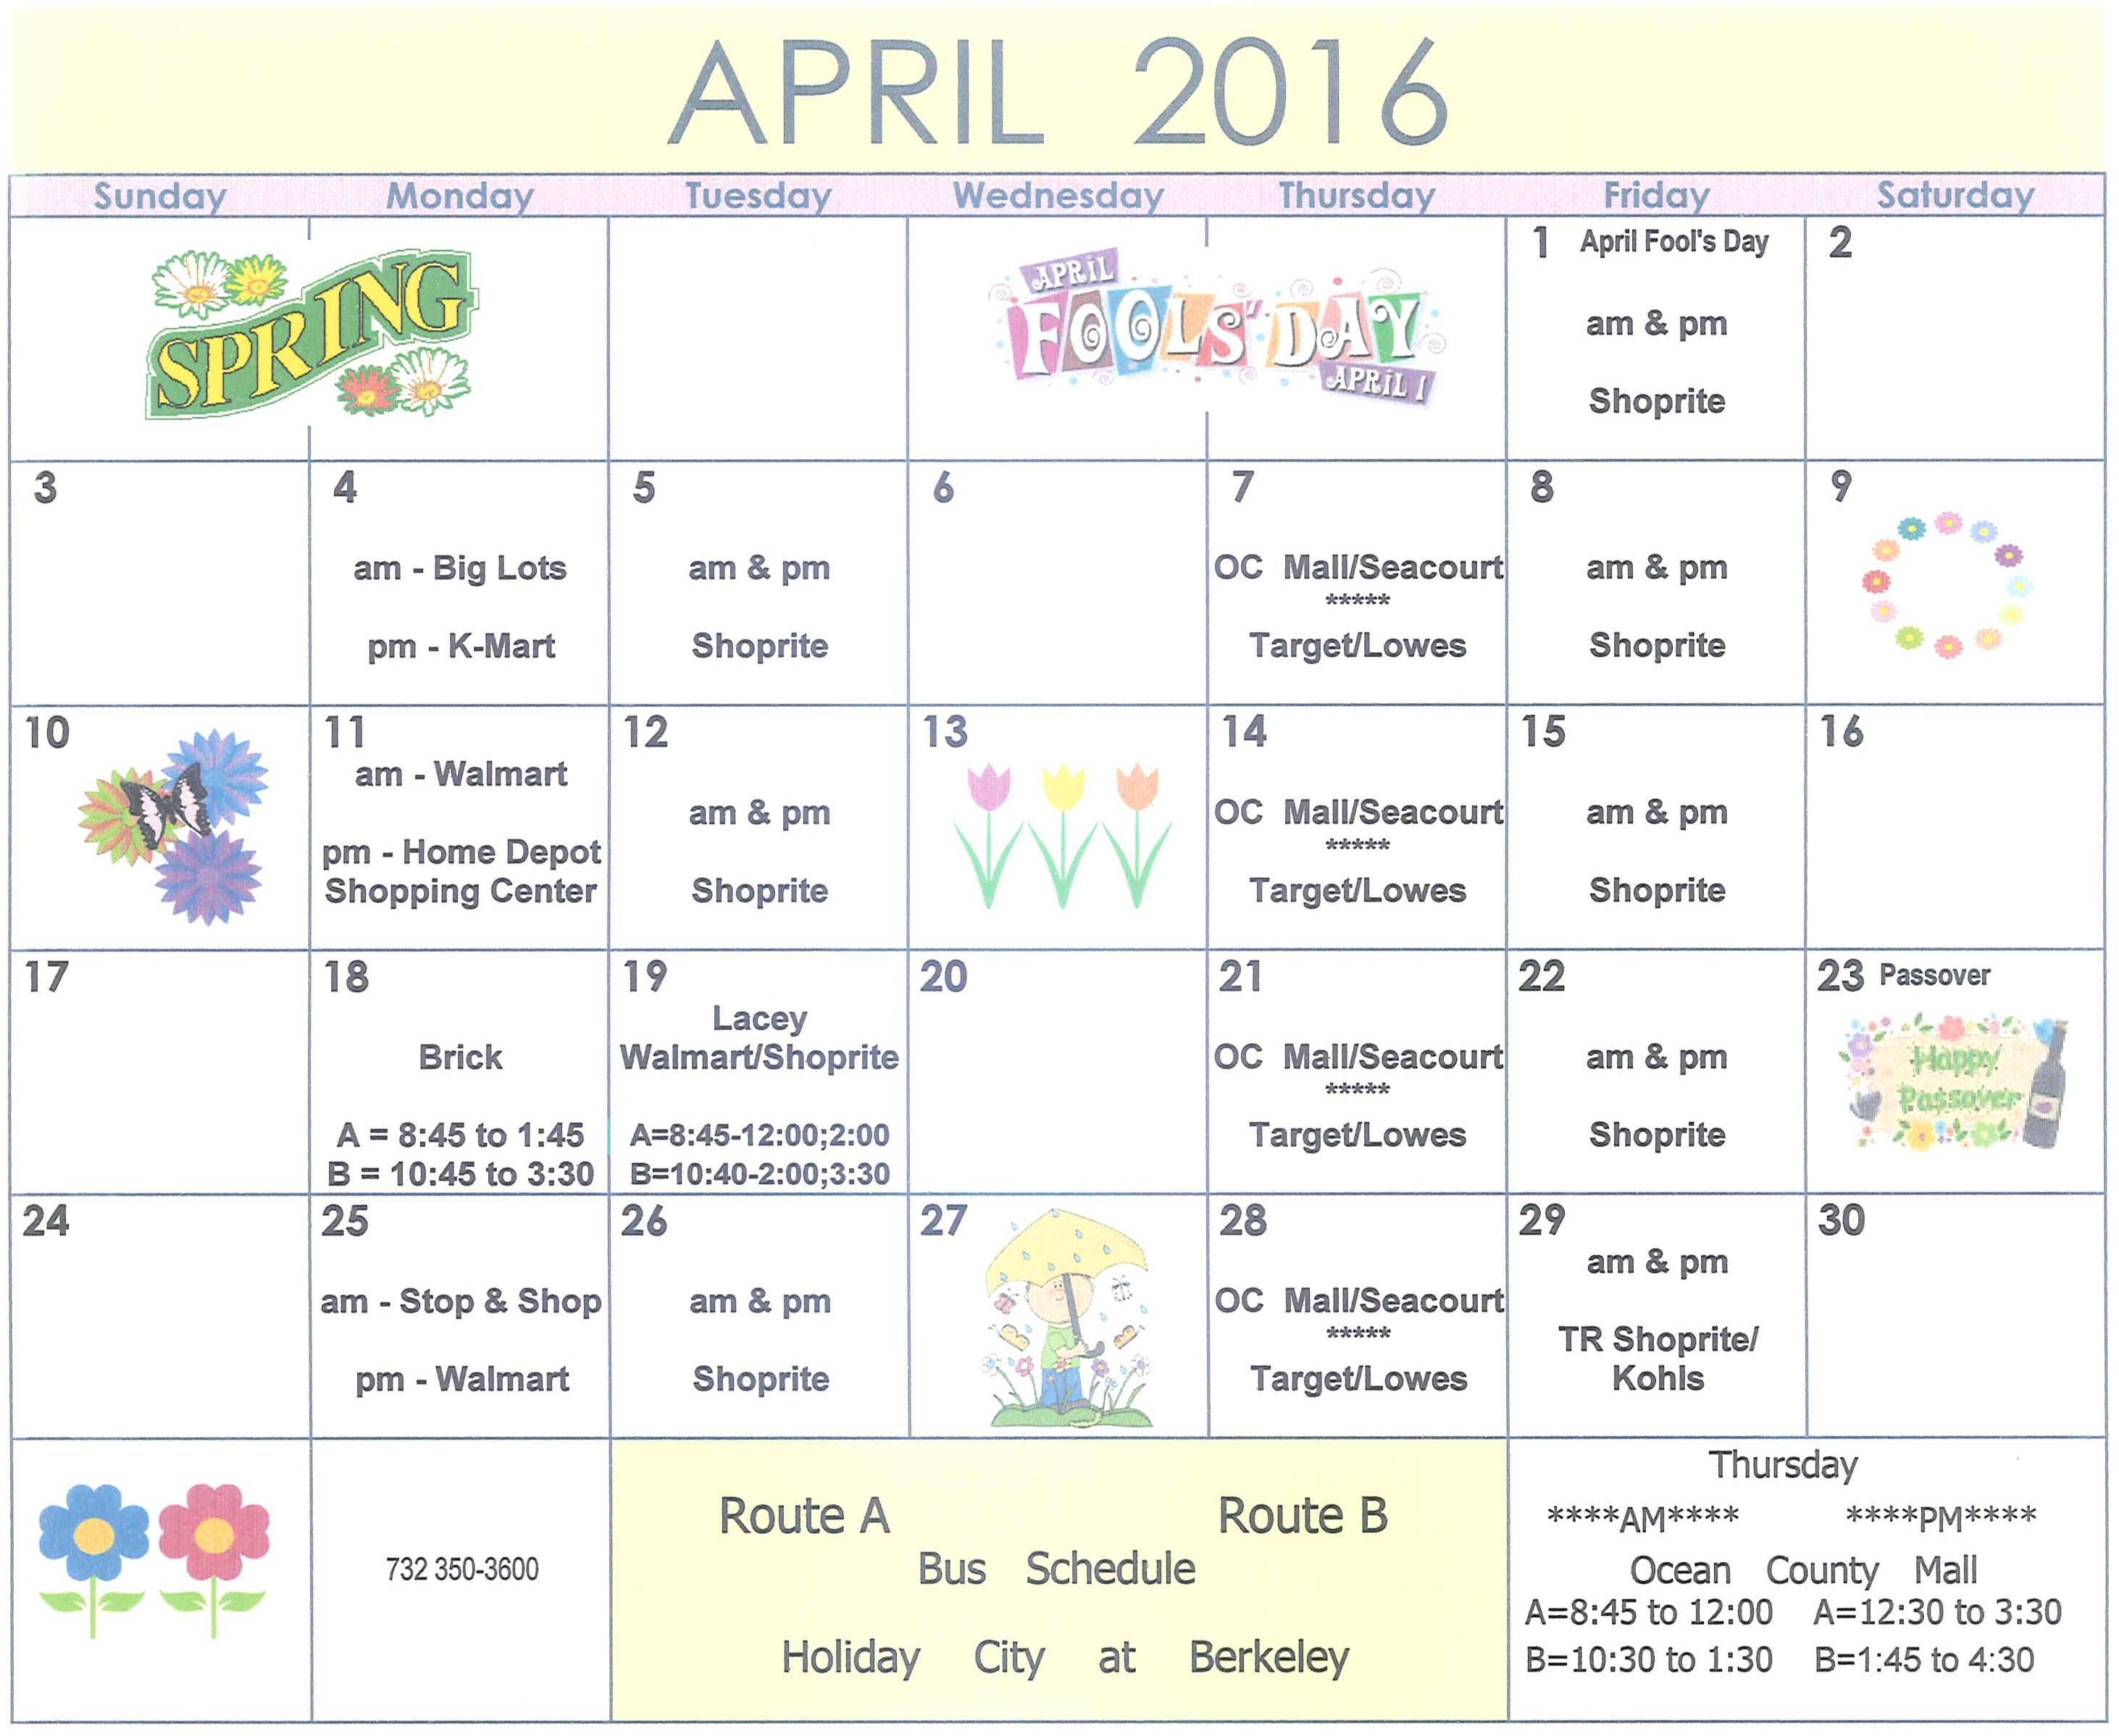 Bus Schedule April 2016